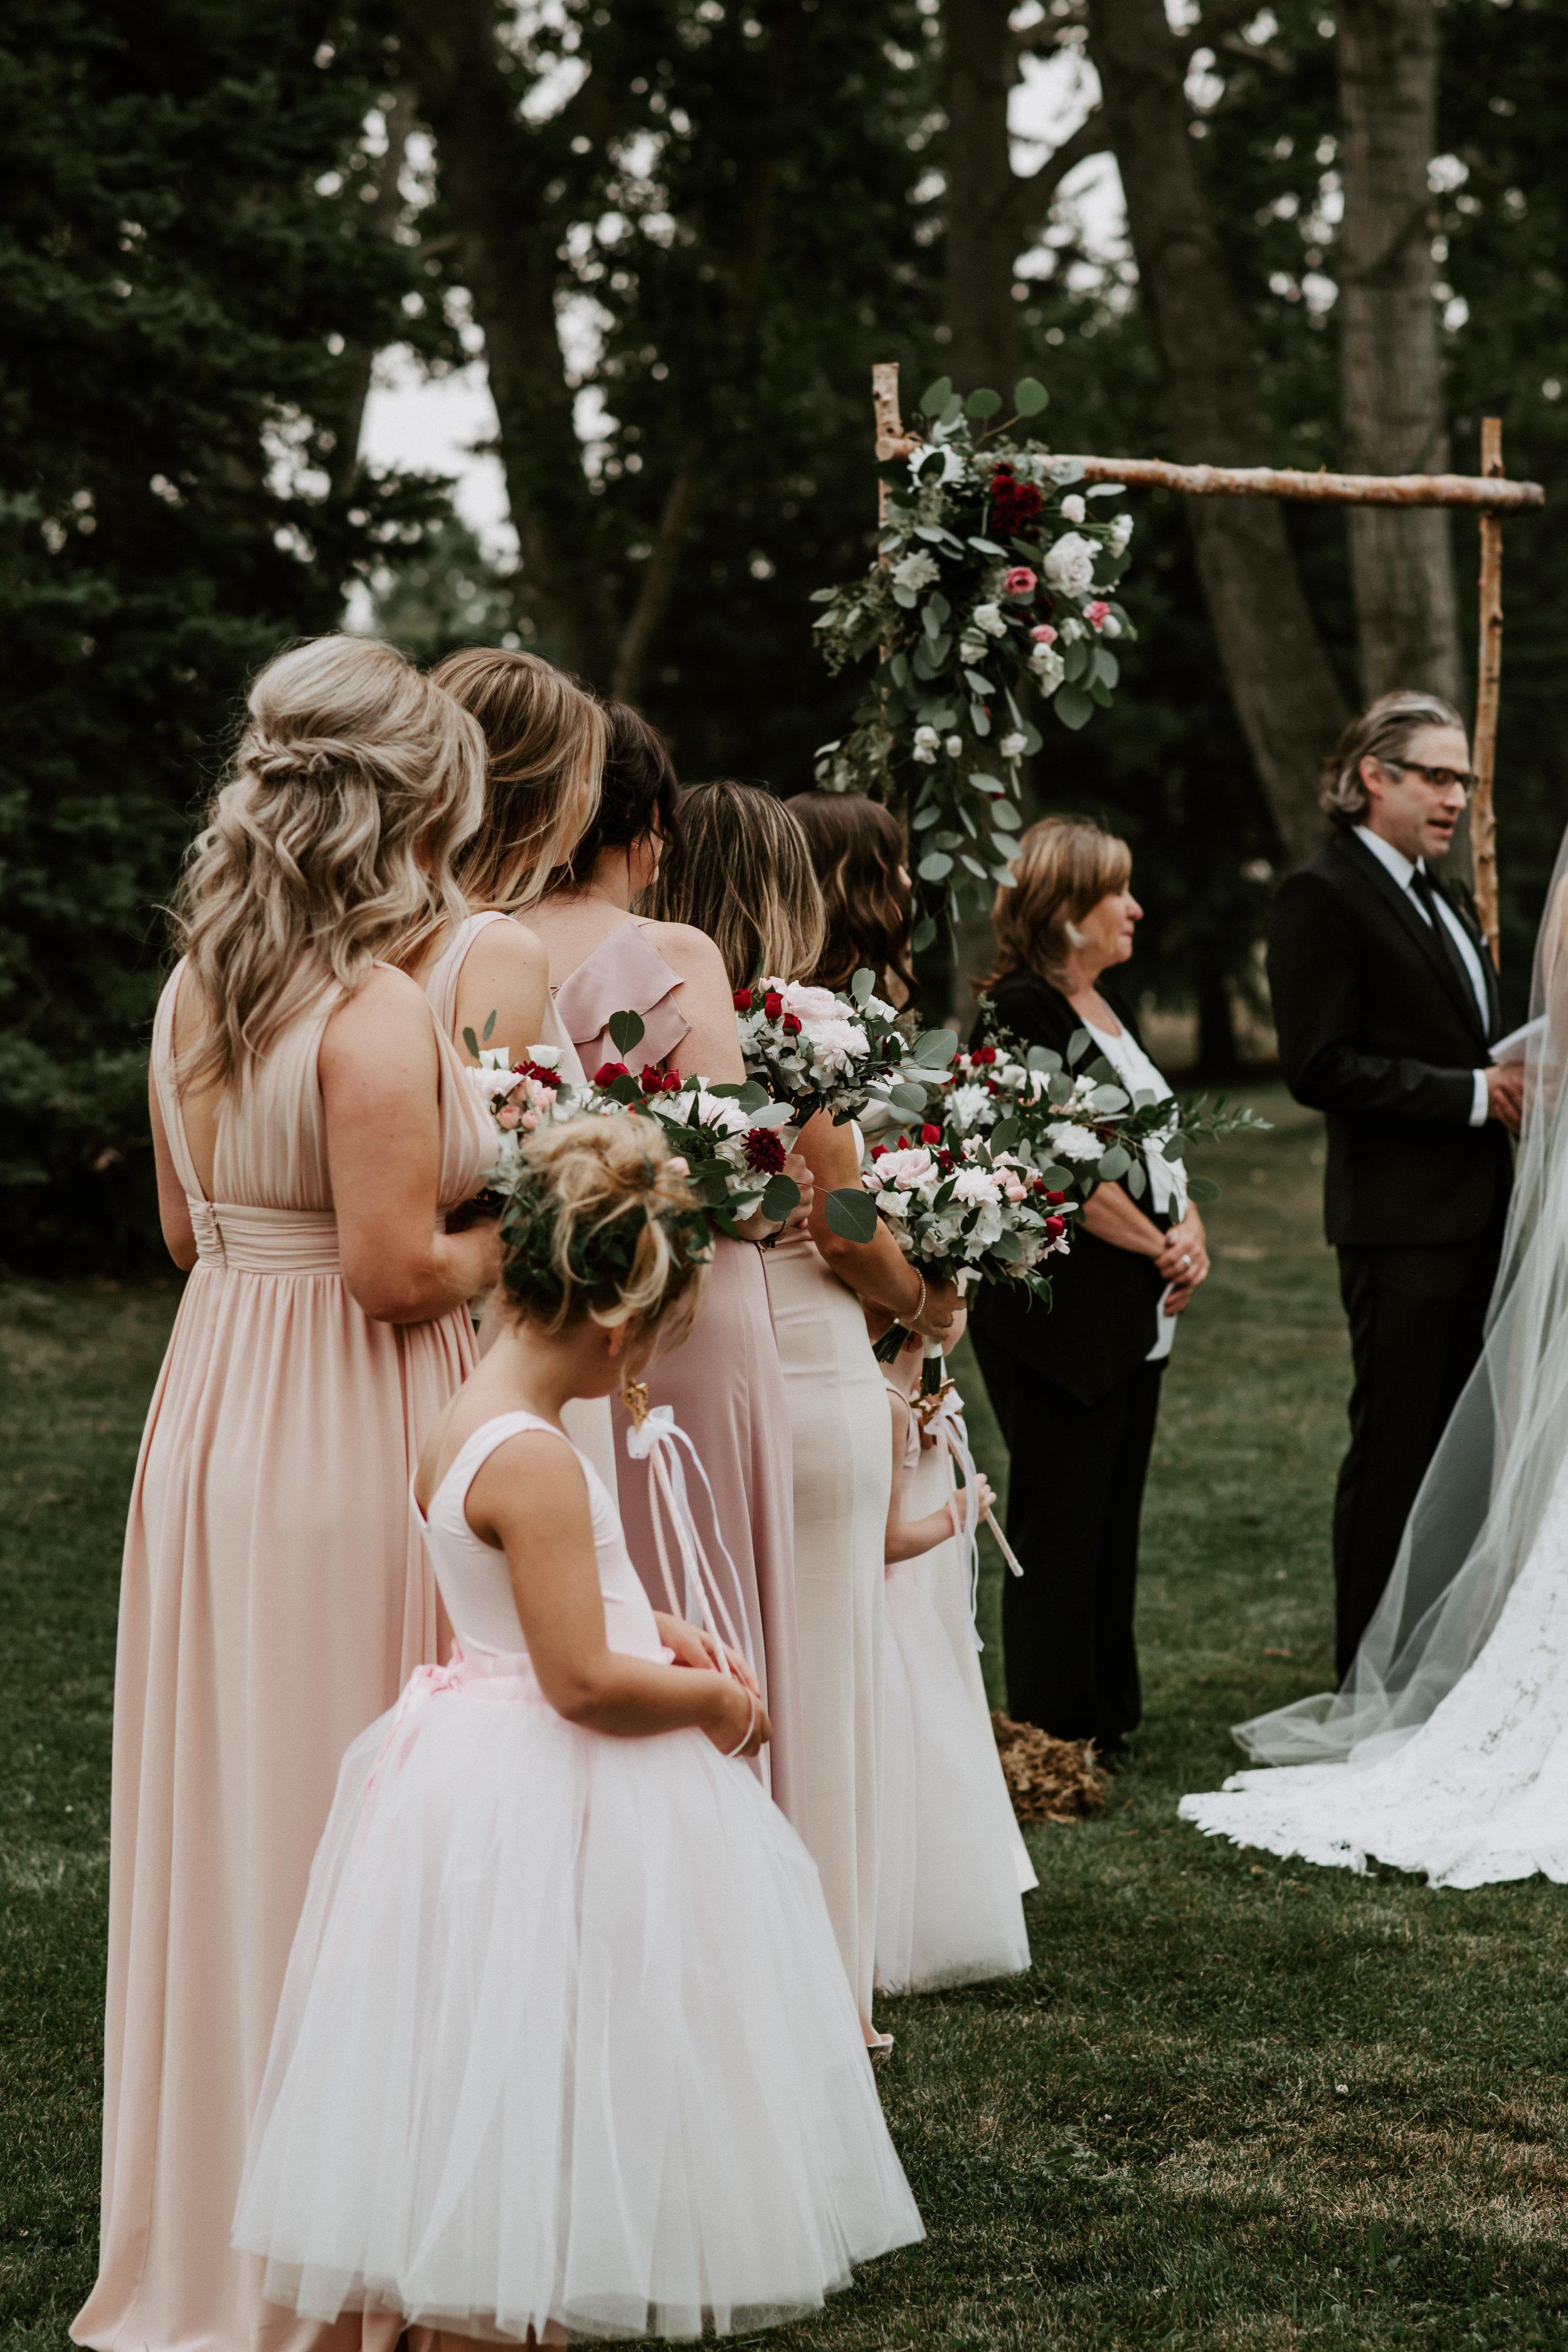 Calgary Wedding Photographer - 27 of 84.jpg